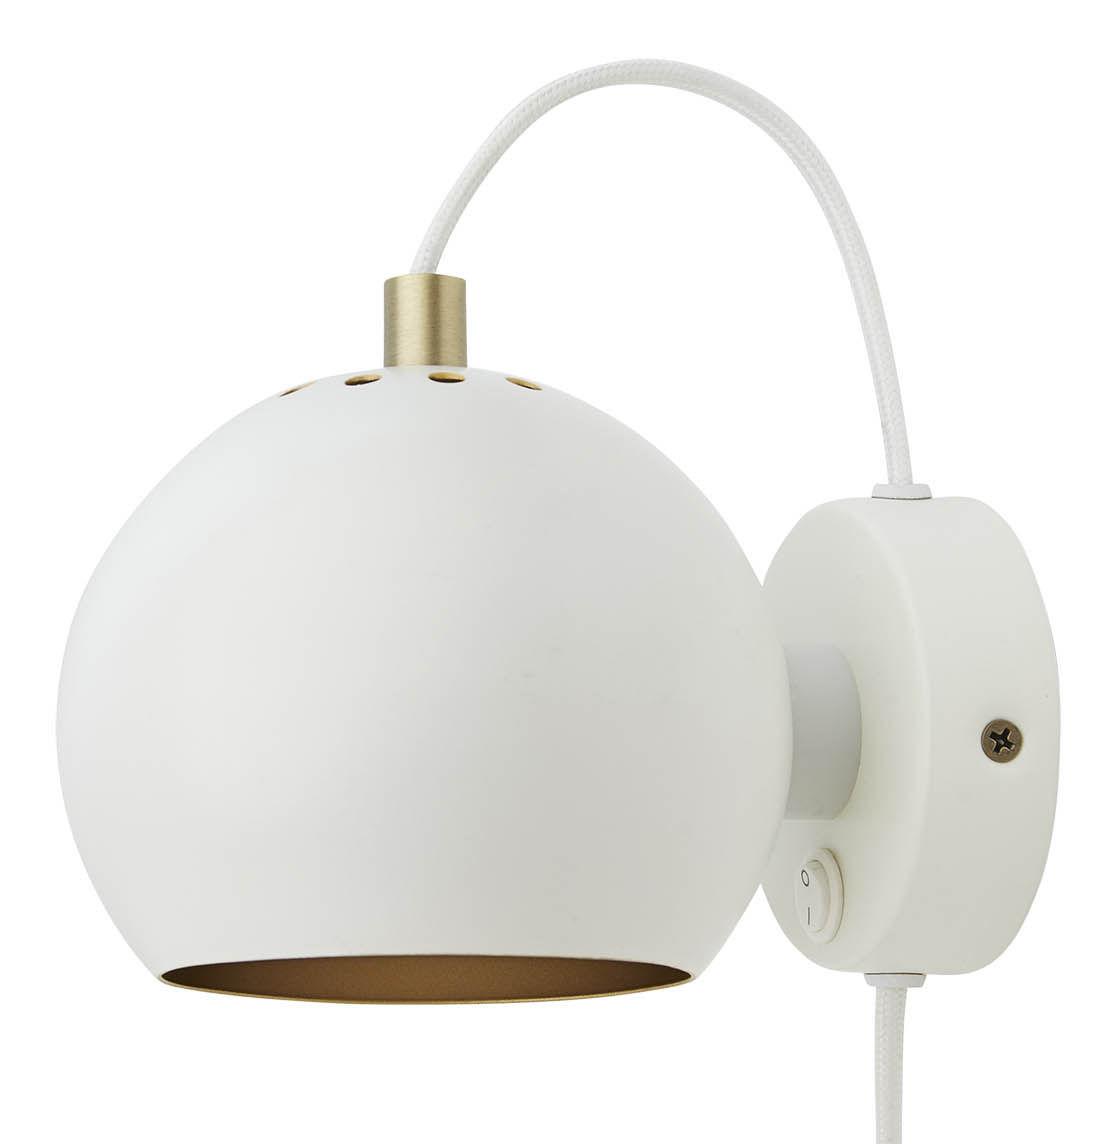 Luminaire - Appliques - Applique avec prise Ball / Ø 12 cm - Edition spéciale 50ème anniversaire - Frandsen - Blanc mat - Métal peint